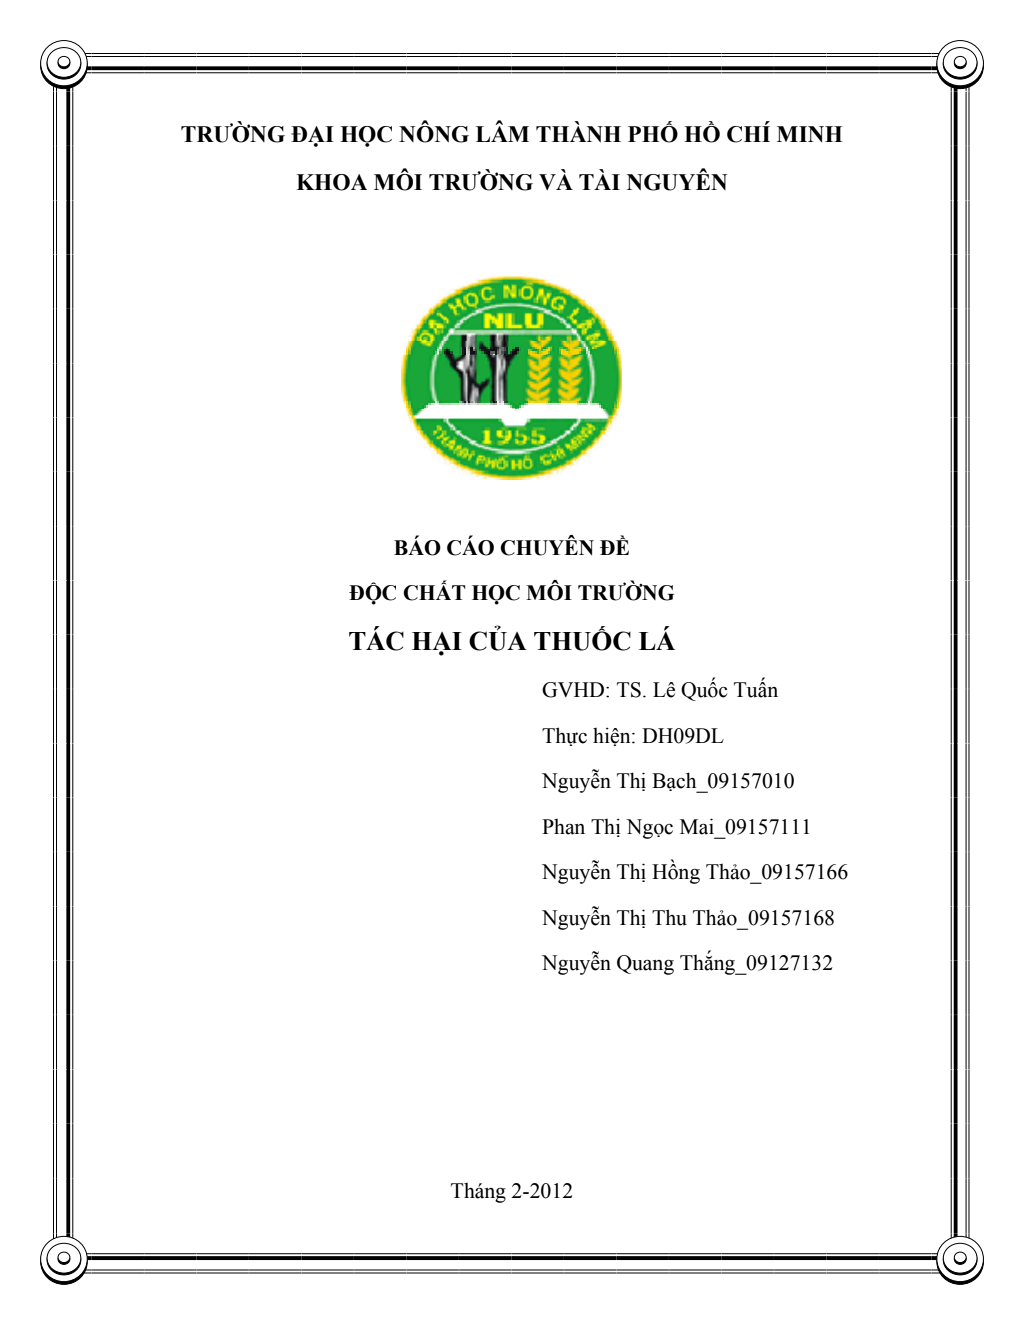 Báo cáo chuyên đề Độc chất học môi trường: Tác hại của thuốc lá